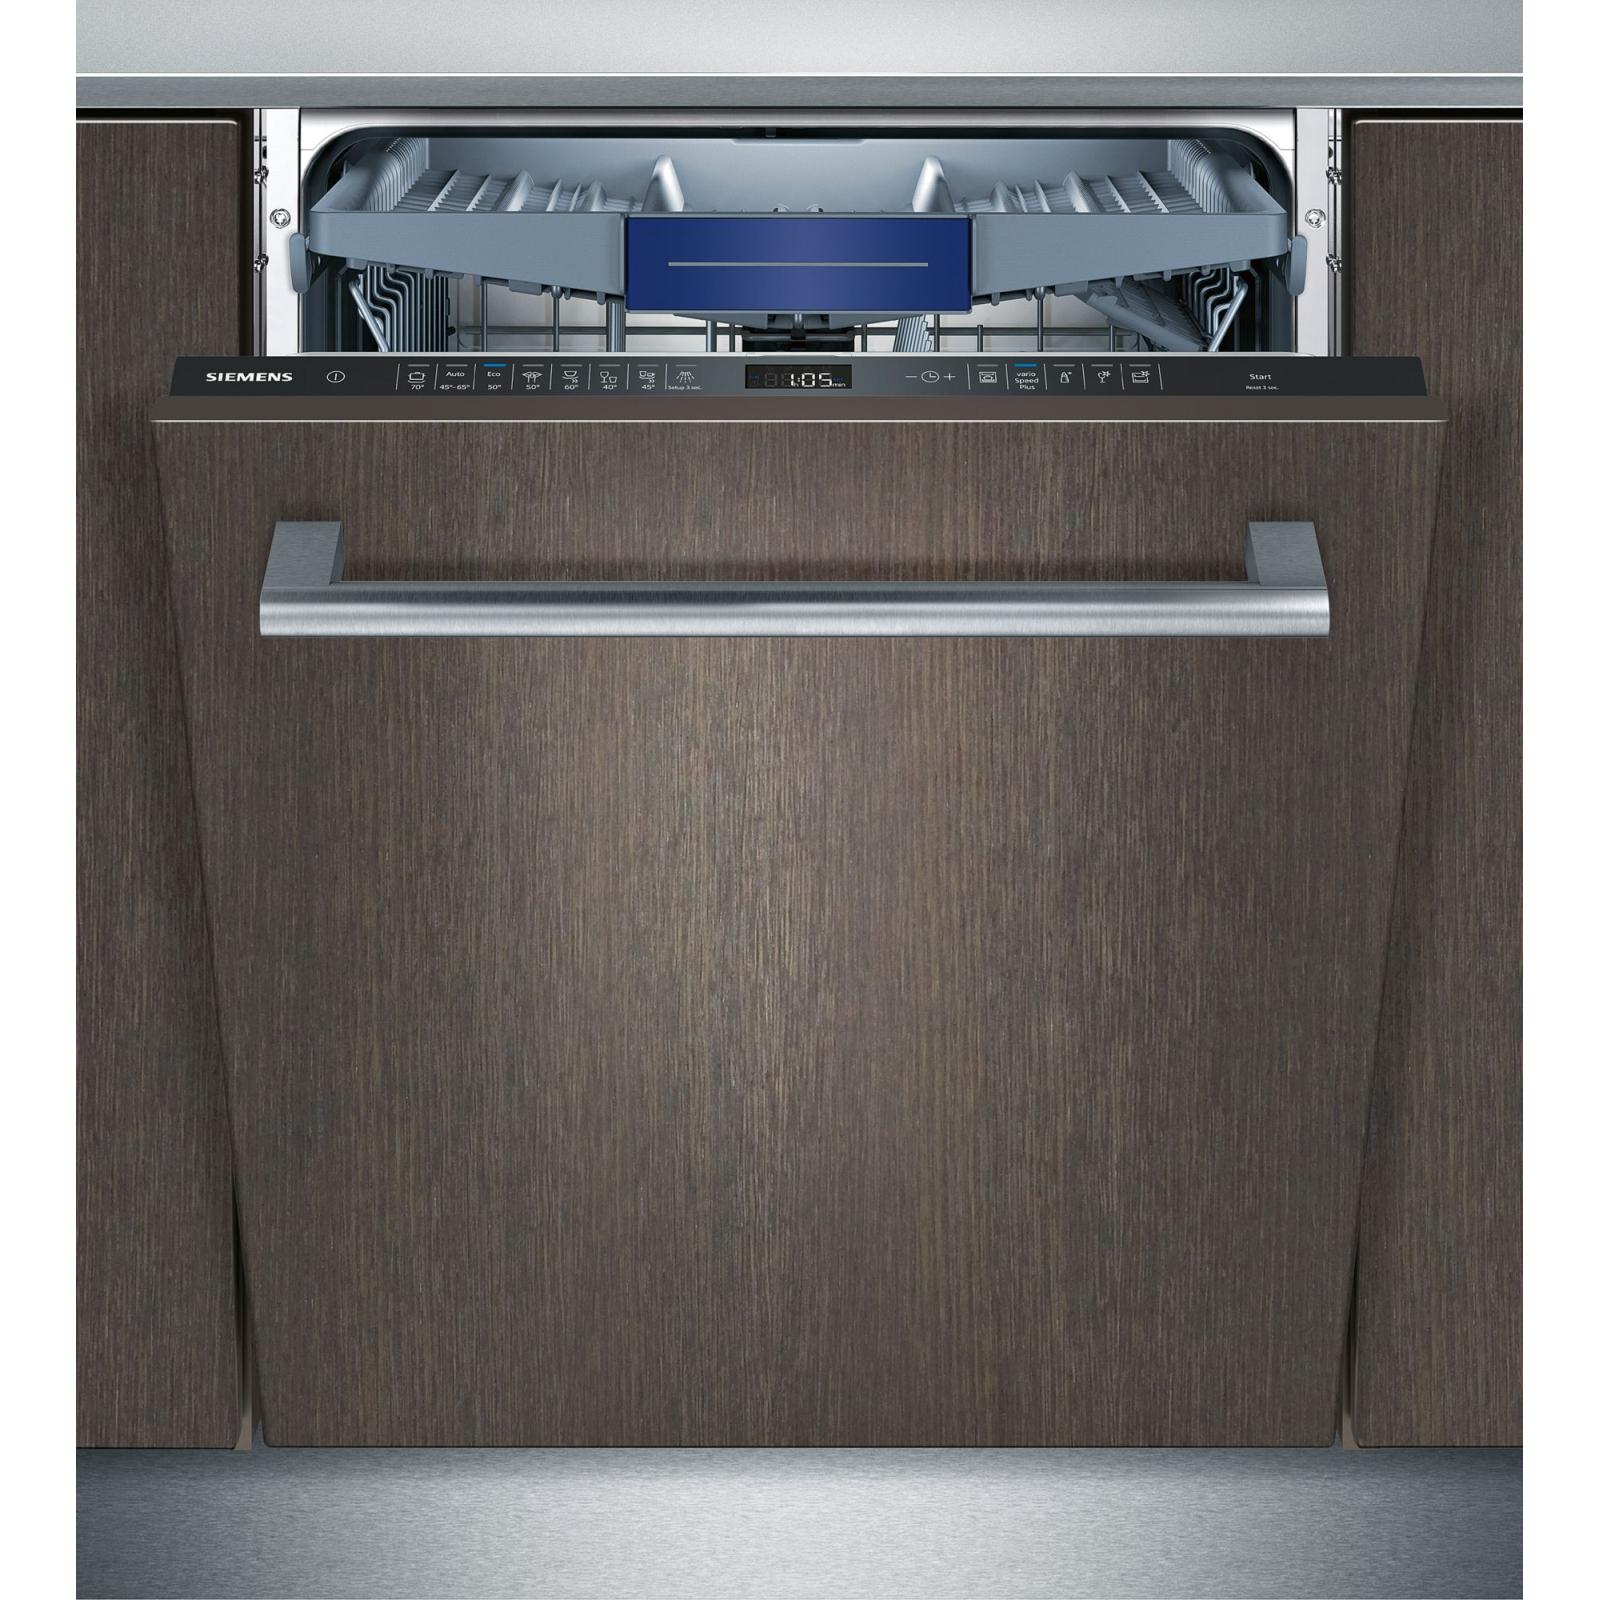 Посудомийна машина Siemens SN 658 X00 ME (SN658X00ME)